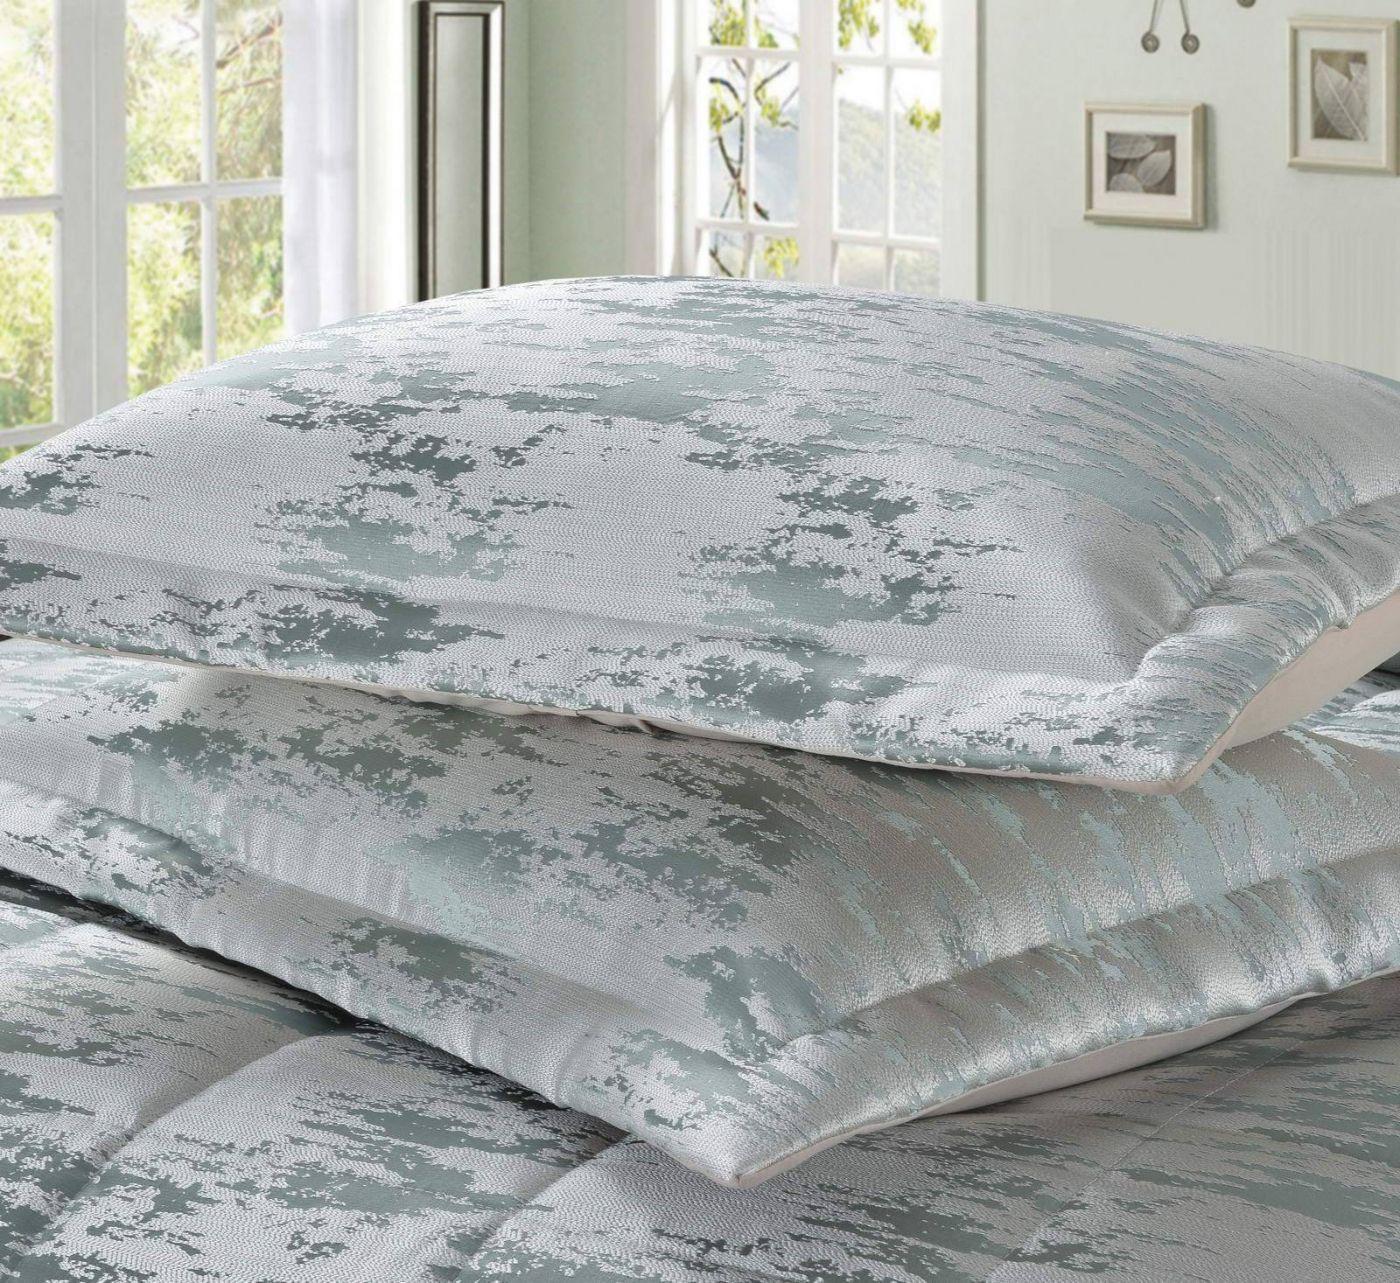 Артемида купить ткань для постельного белья купить казань